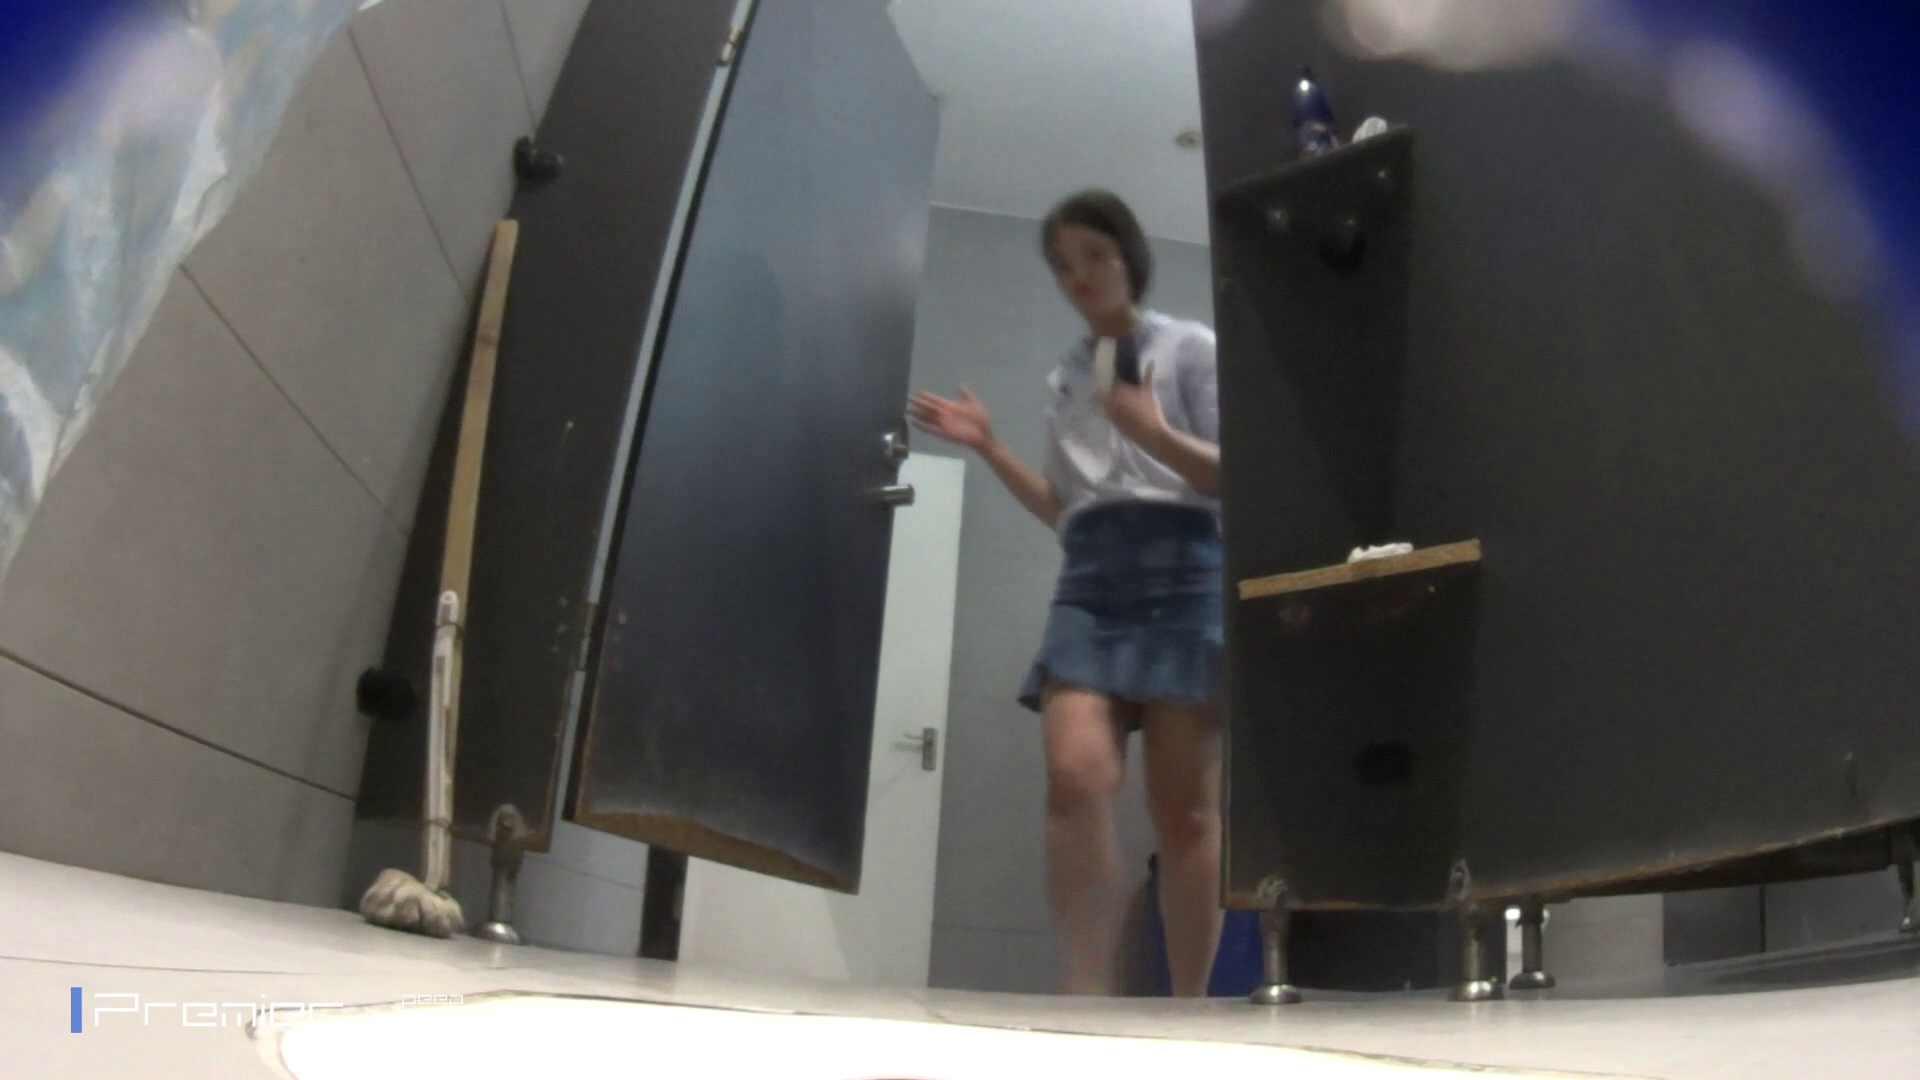 白いミニスカート清楚なお女市さん 大学休憩時間の洗面所事情59 美女 性交動画流出 101枚 39